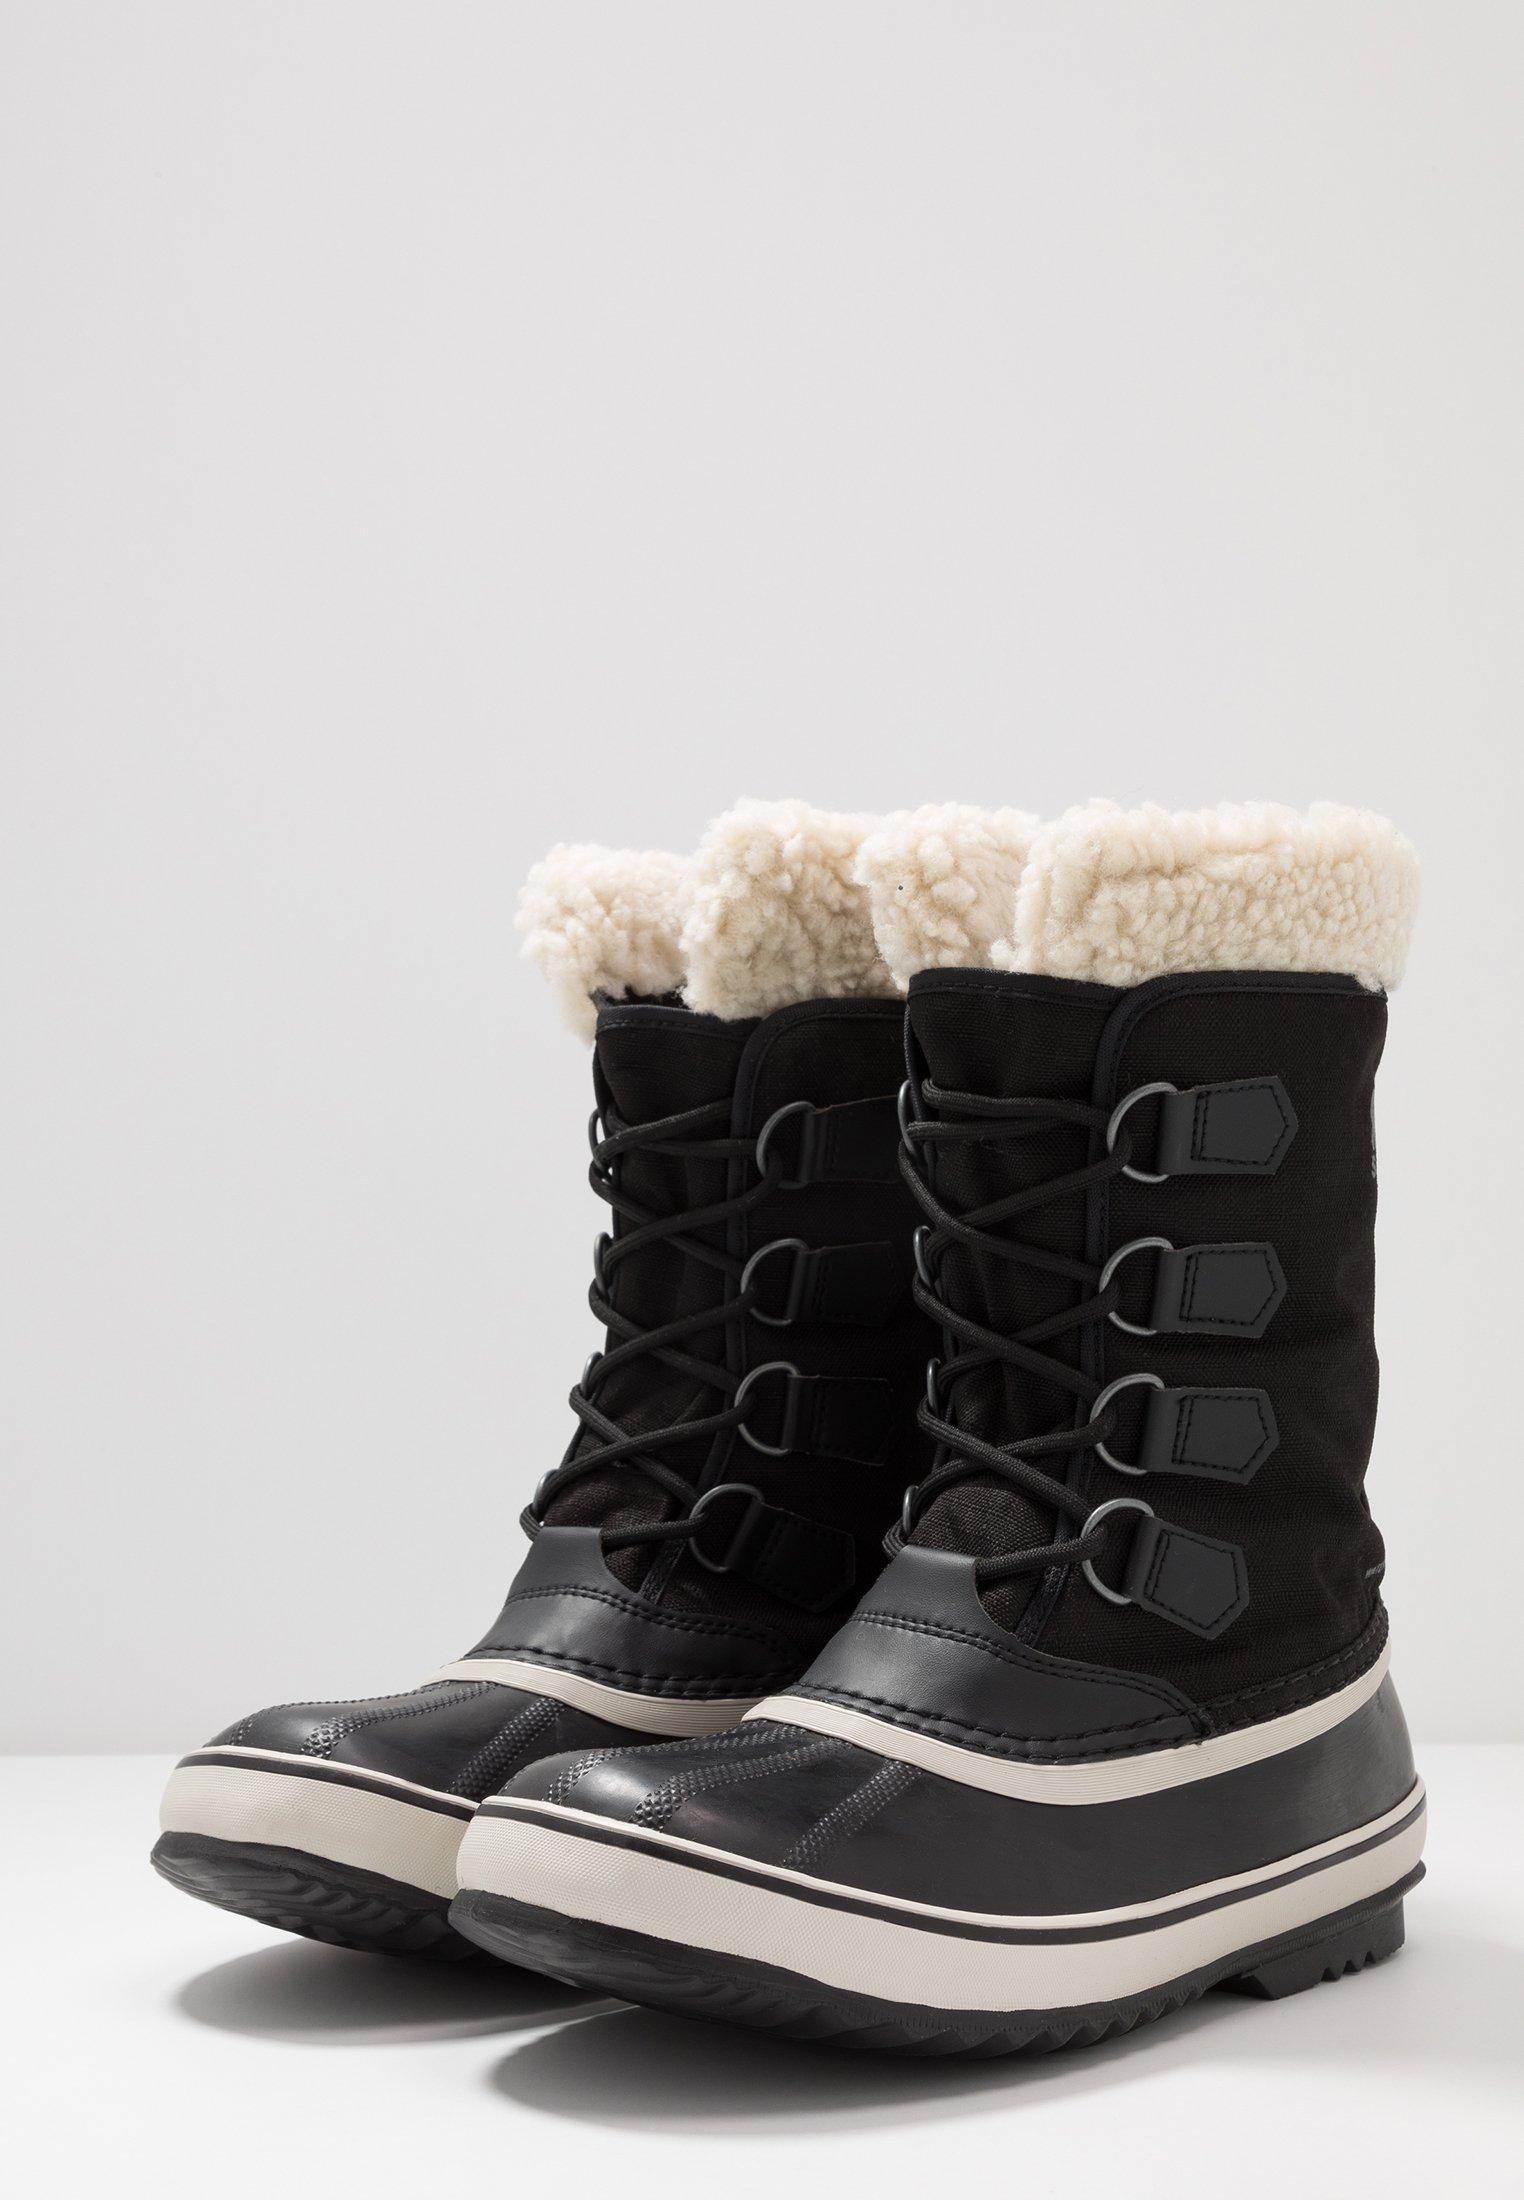 Sorel Winter Carnival - Vinterstøvler Black/stone